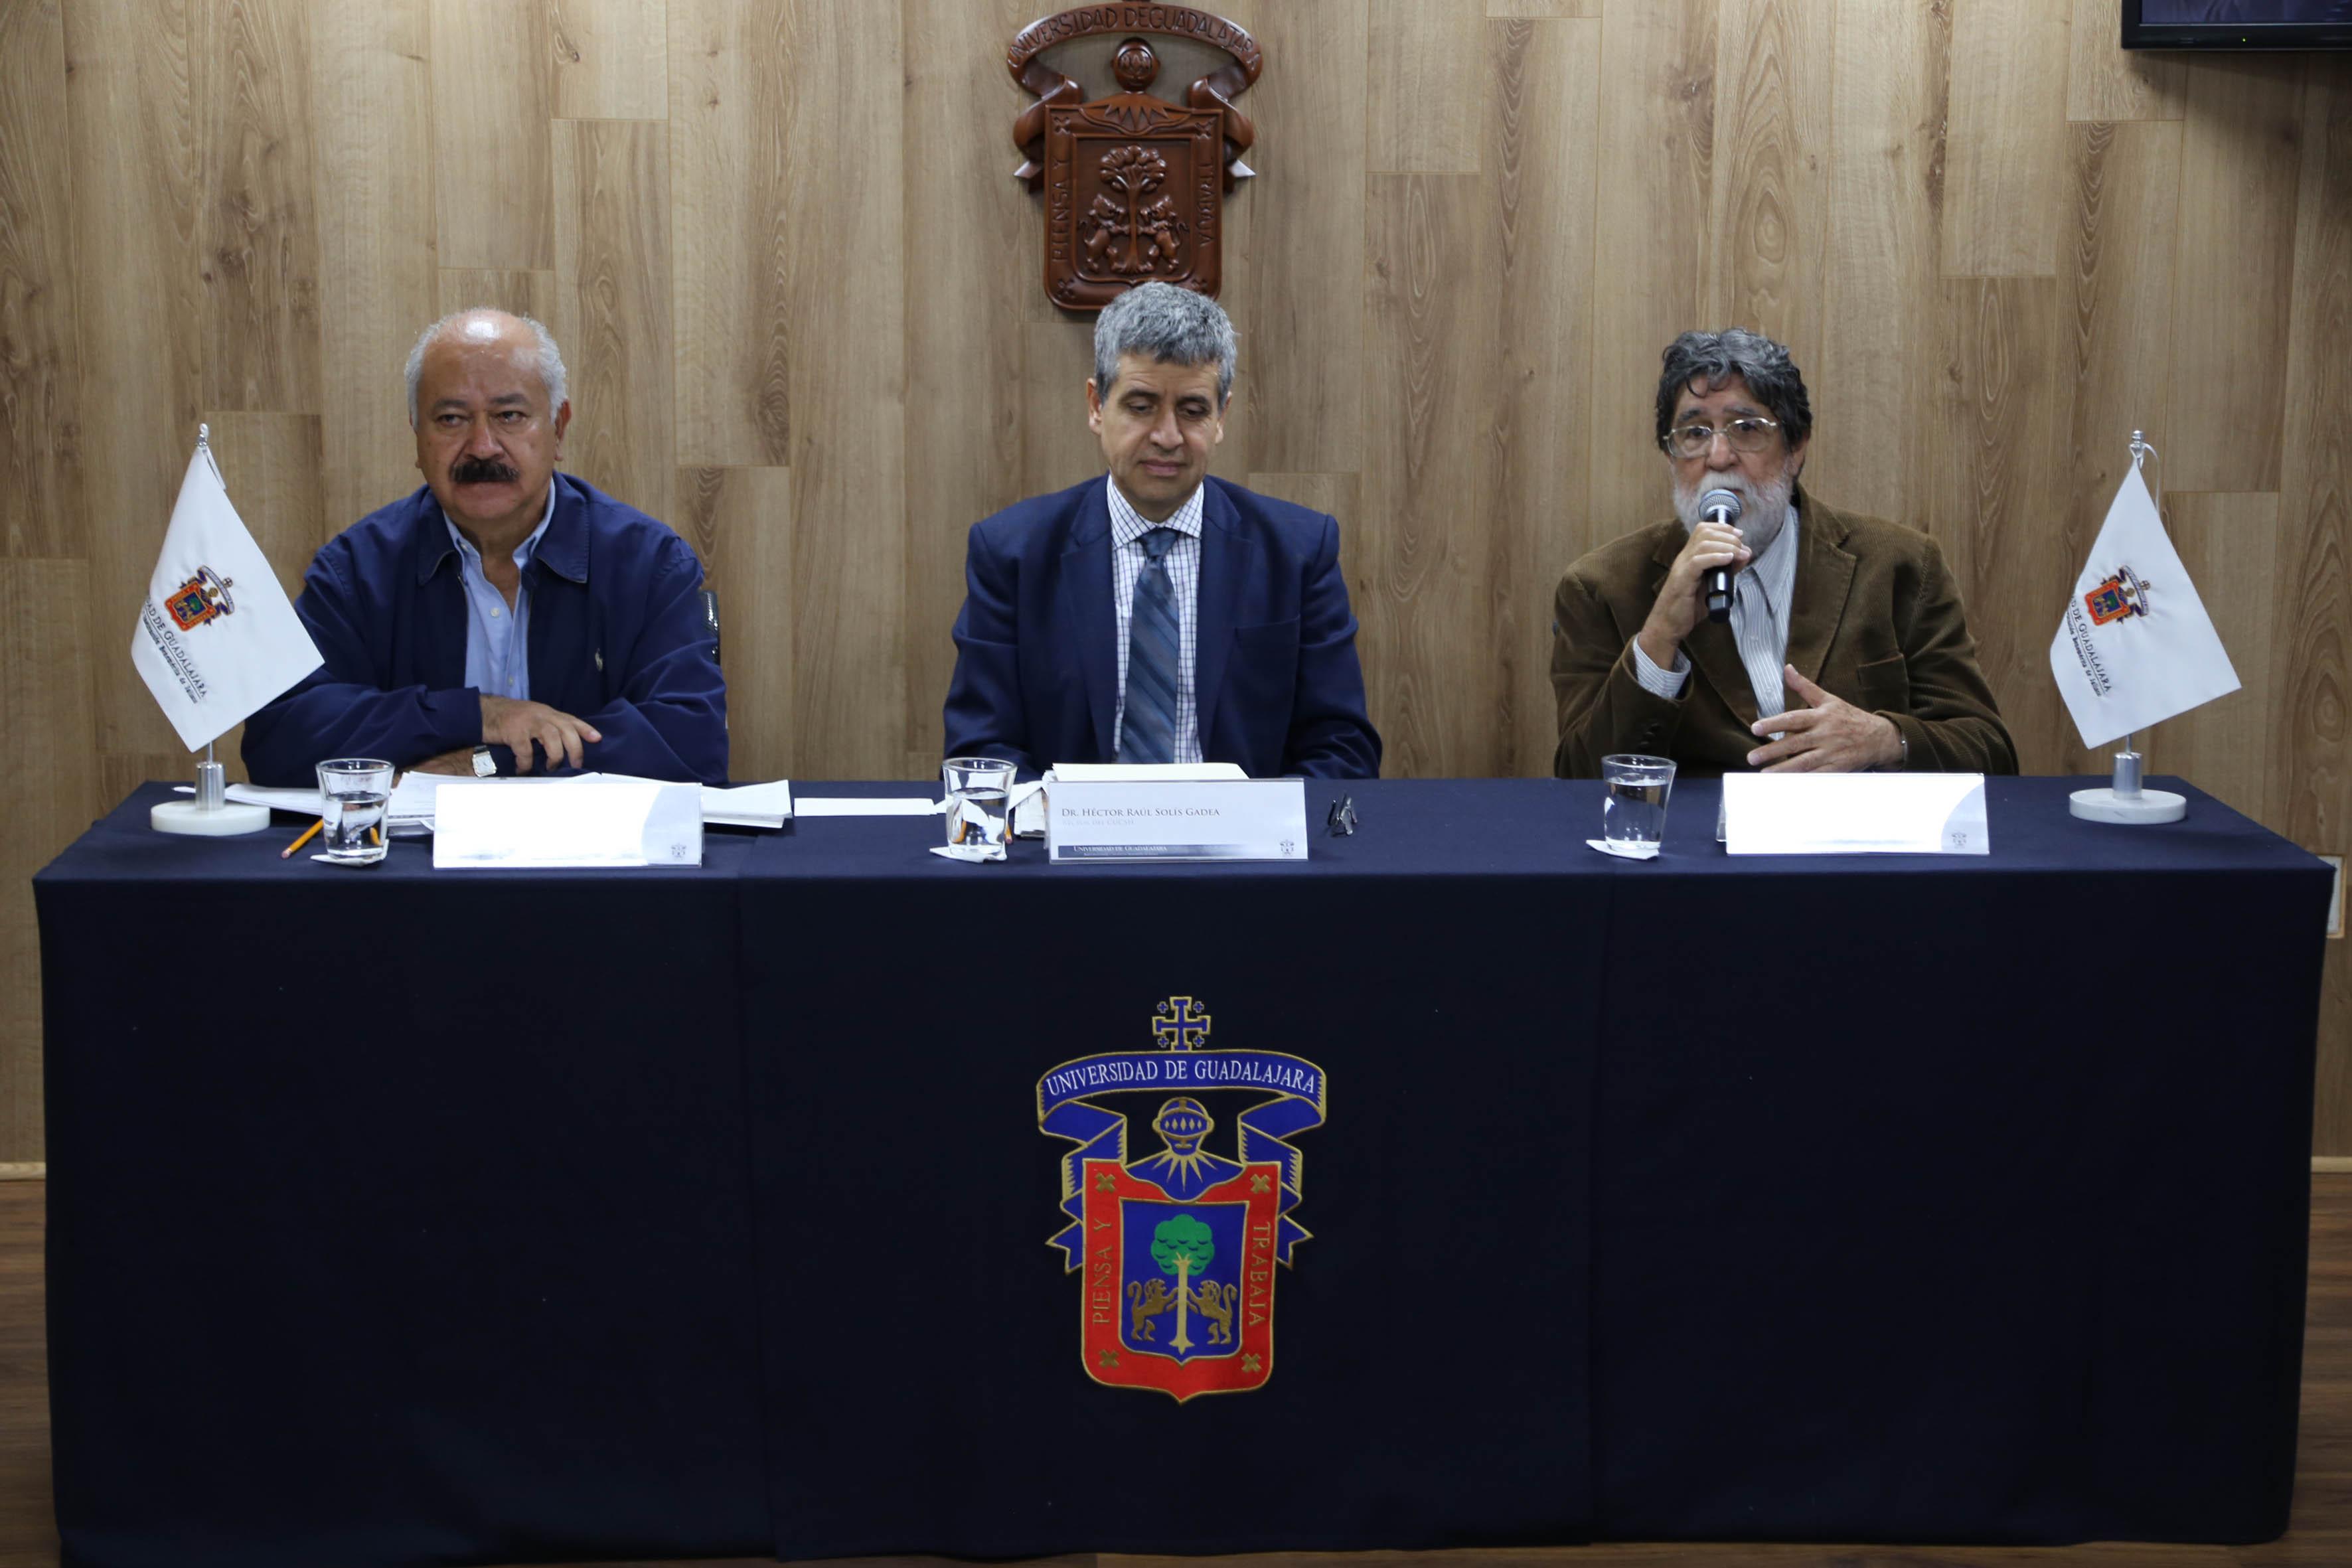 Rueda de prensa para anunciar el V congreso Nacional de Ciencias Sociales